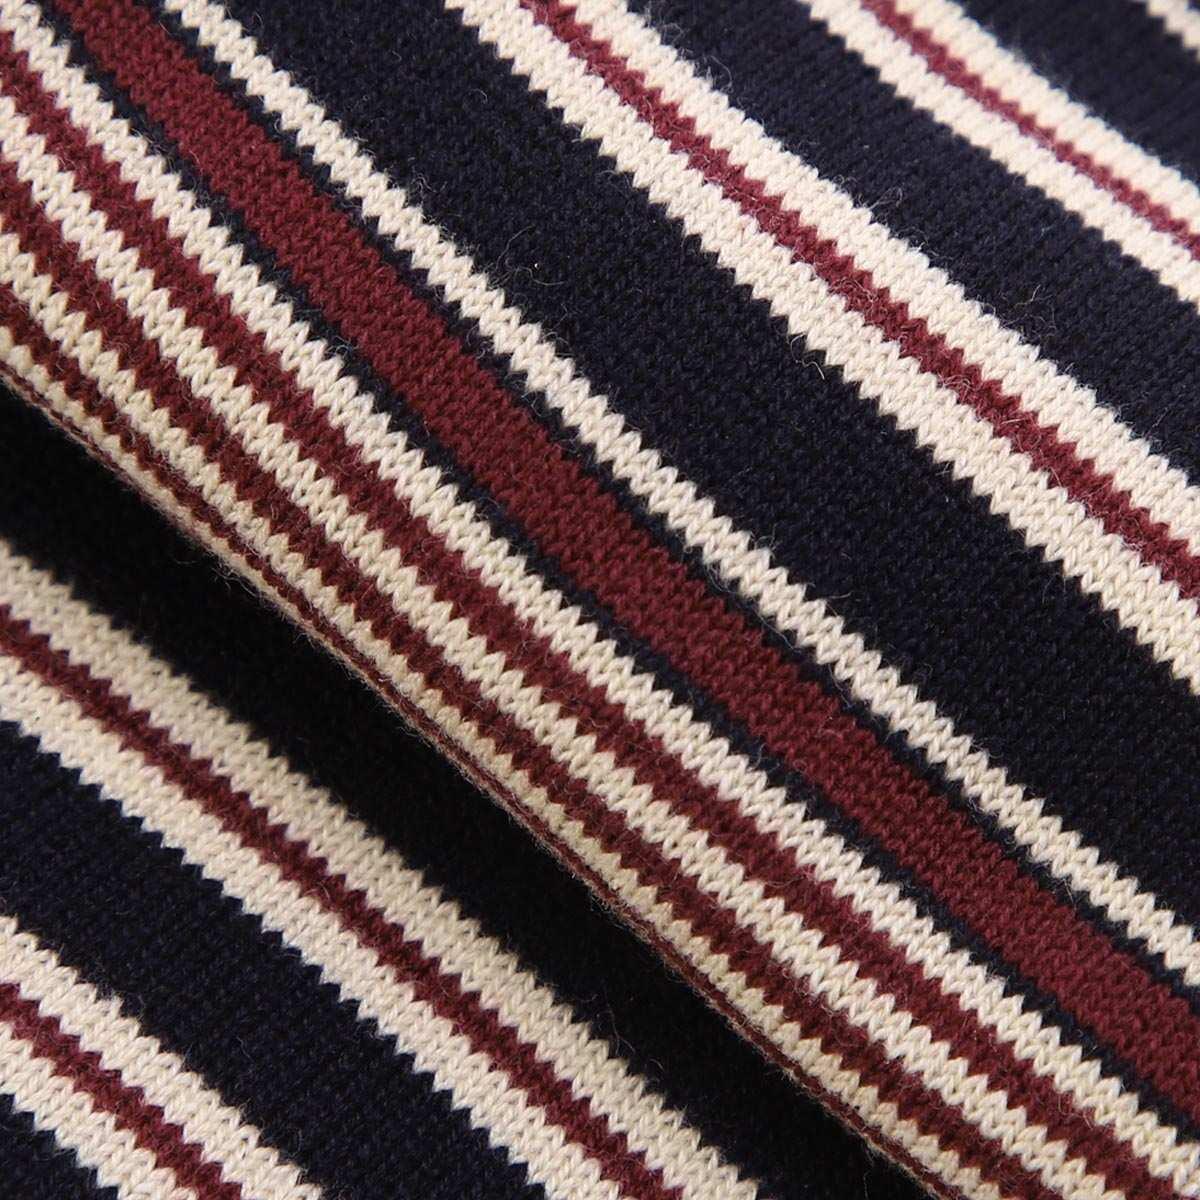 【ネコポス対応(3点まで)】HALISON ハリソン 靴下/ソックス/マルチボーダー 相当サイズ:25~27cm【返品交換不可】 メンズ